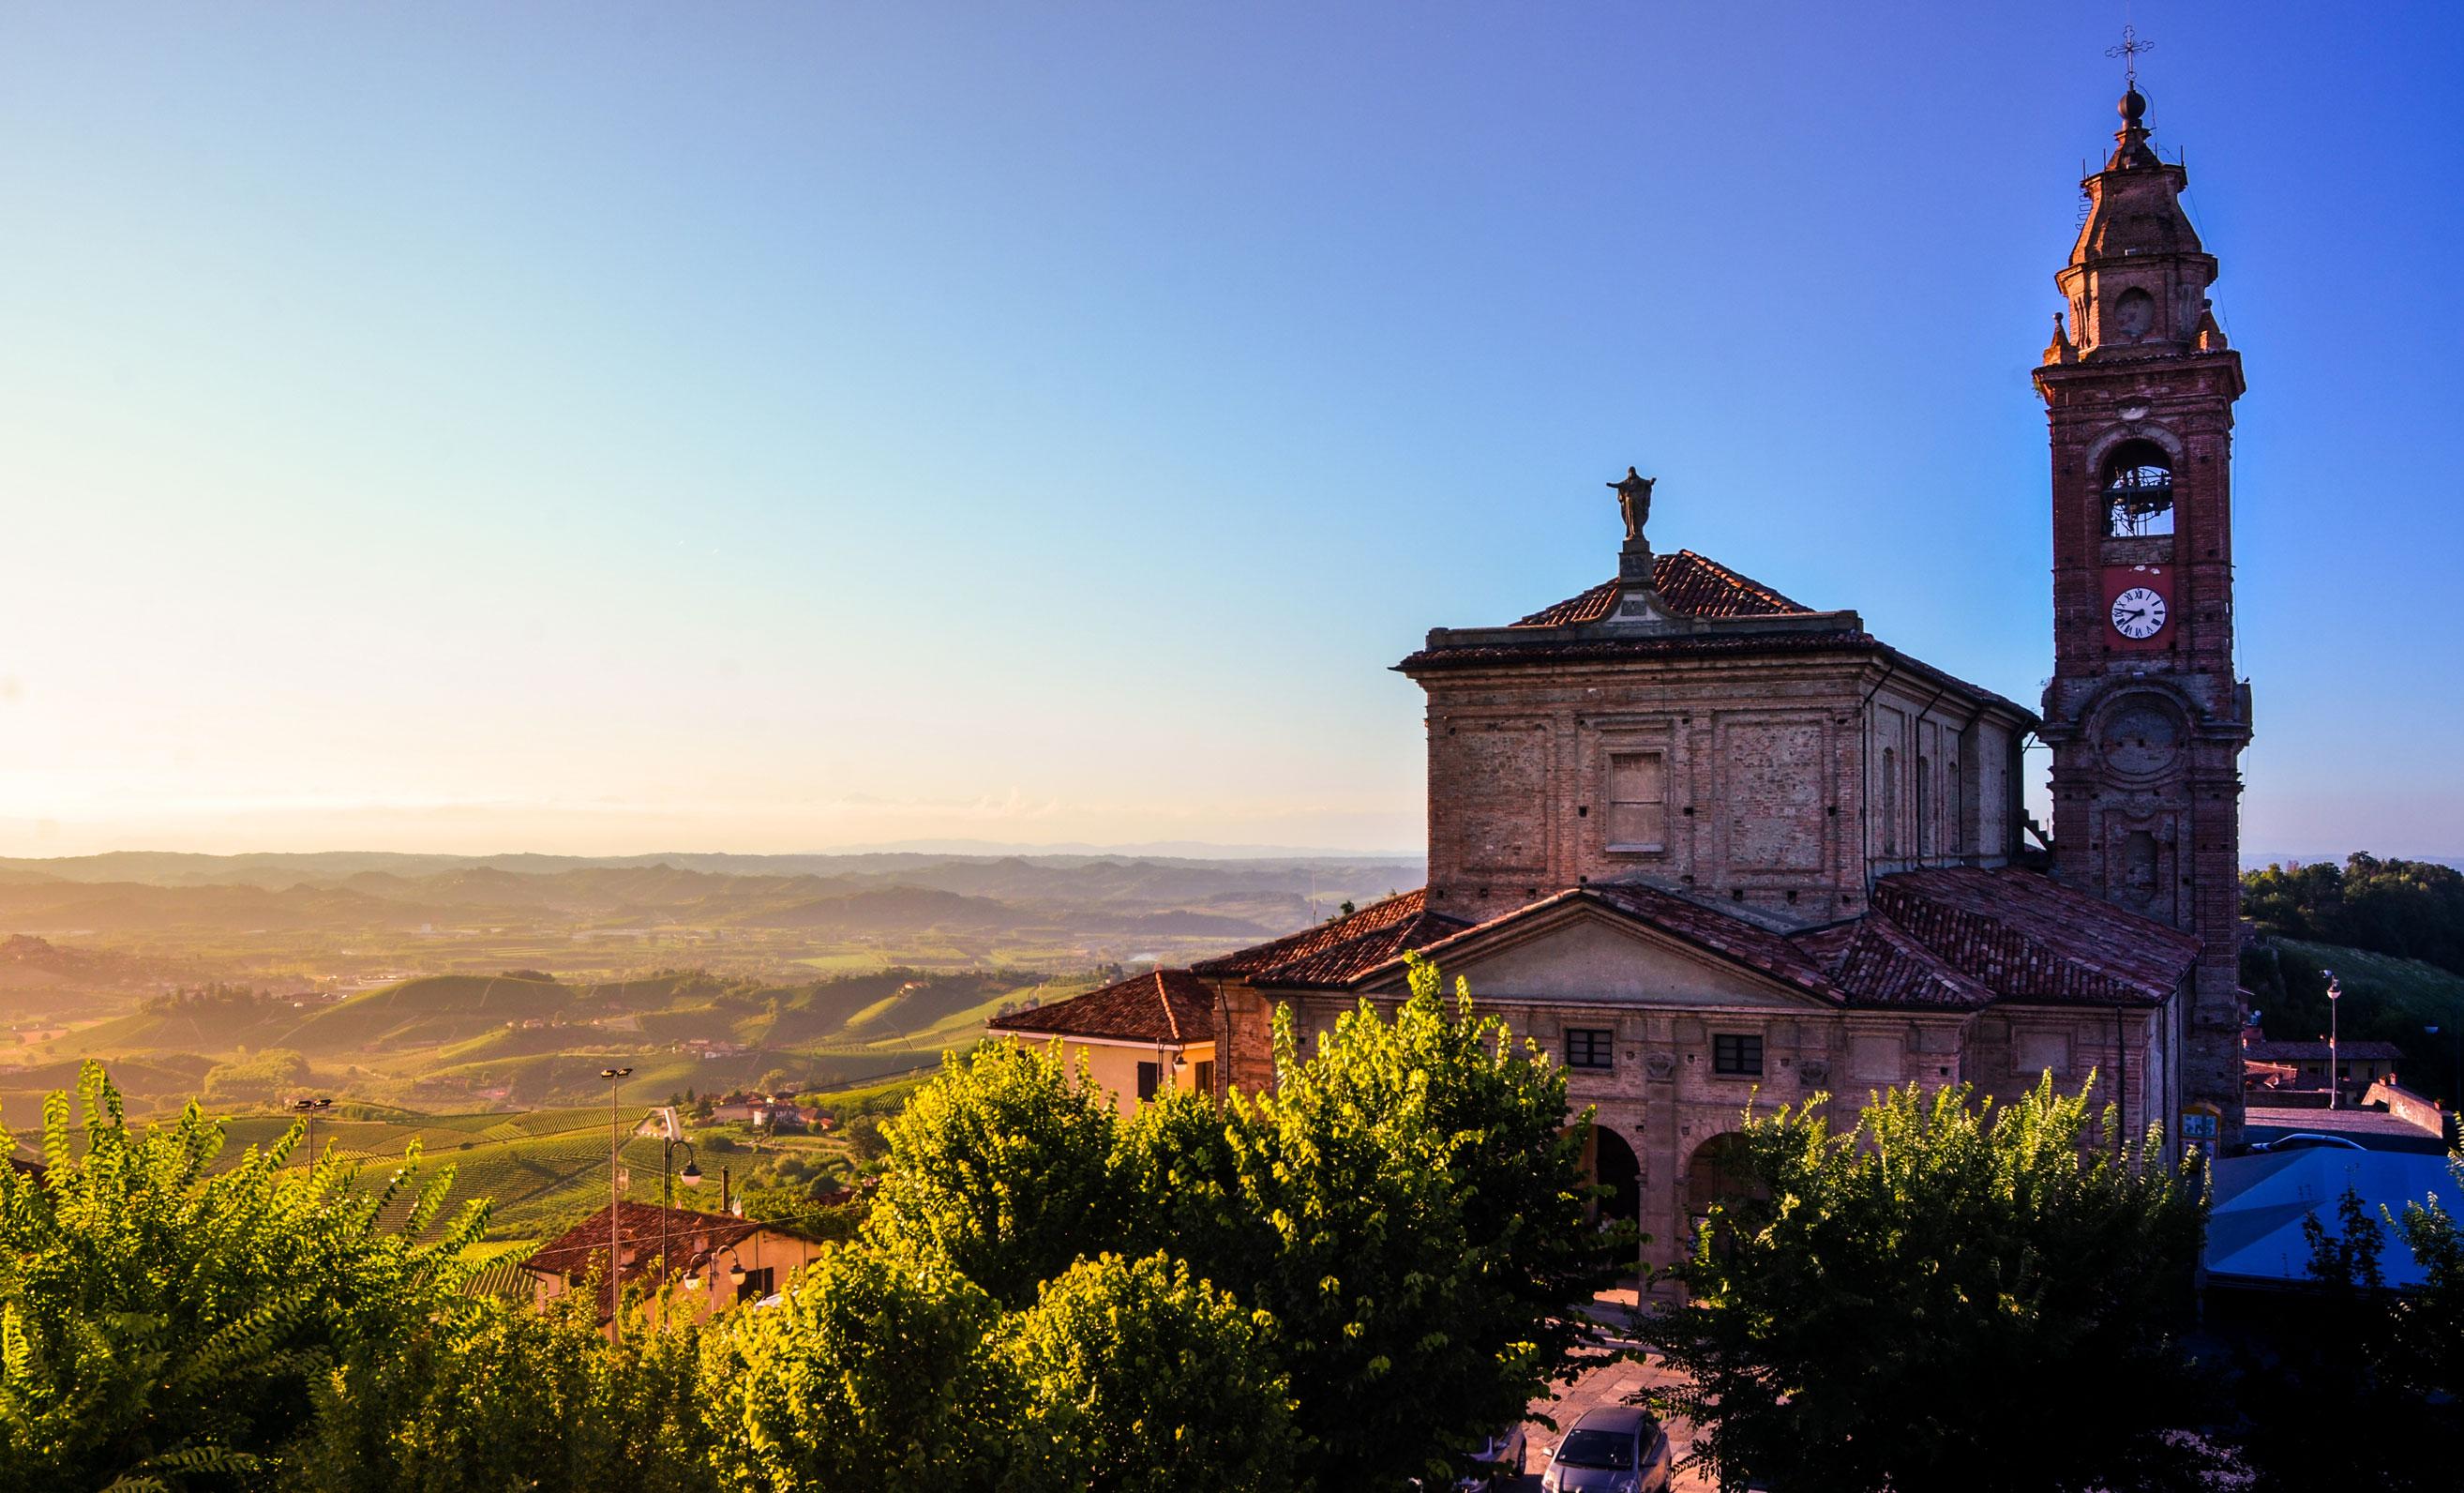 Paesaggi-Italia - DSC 3445 - DSC_3445 -